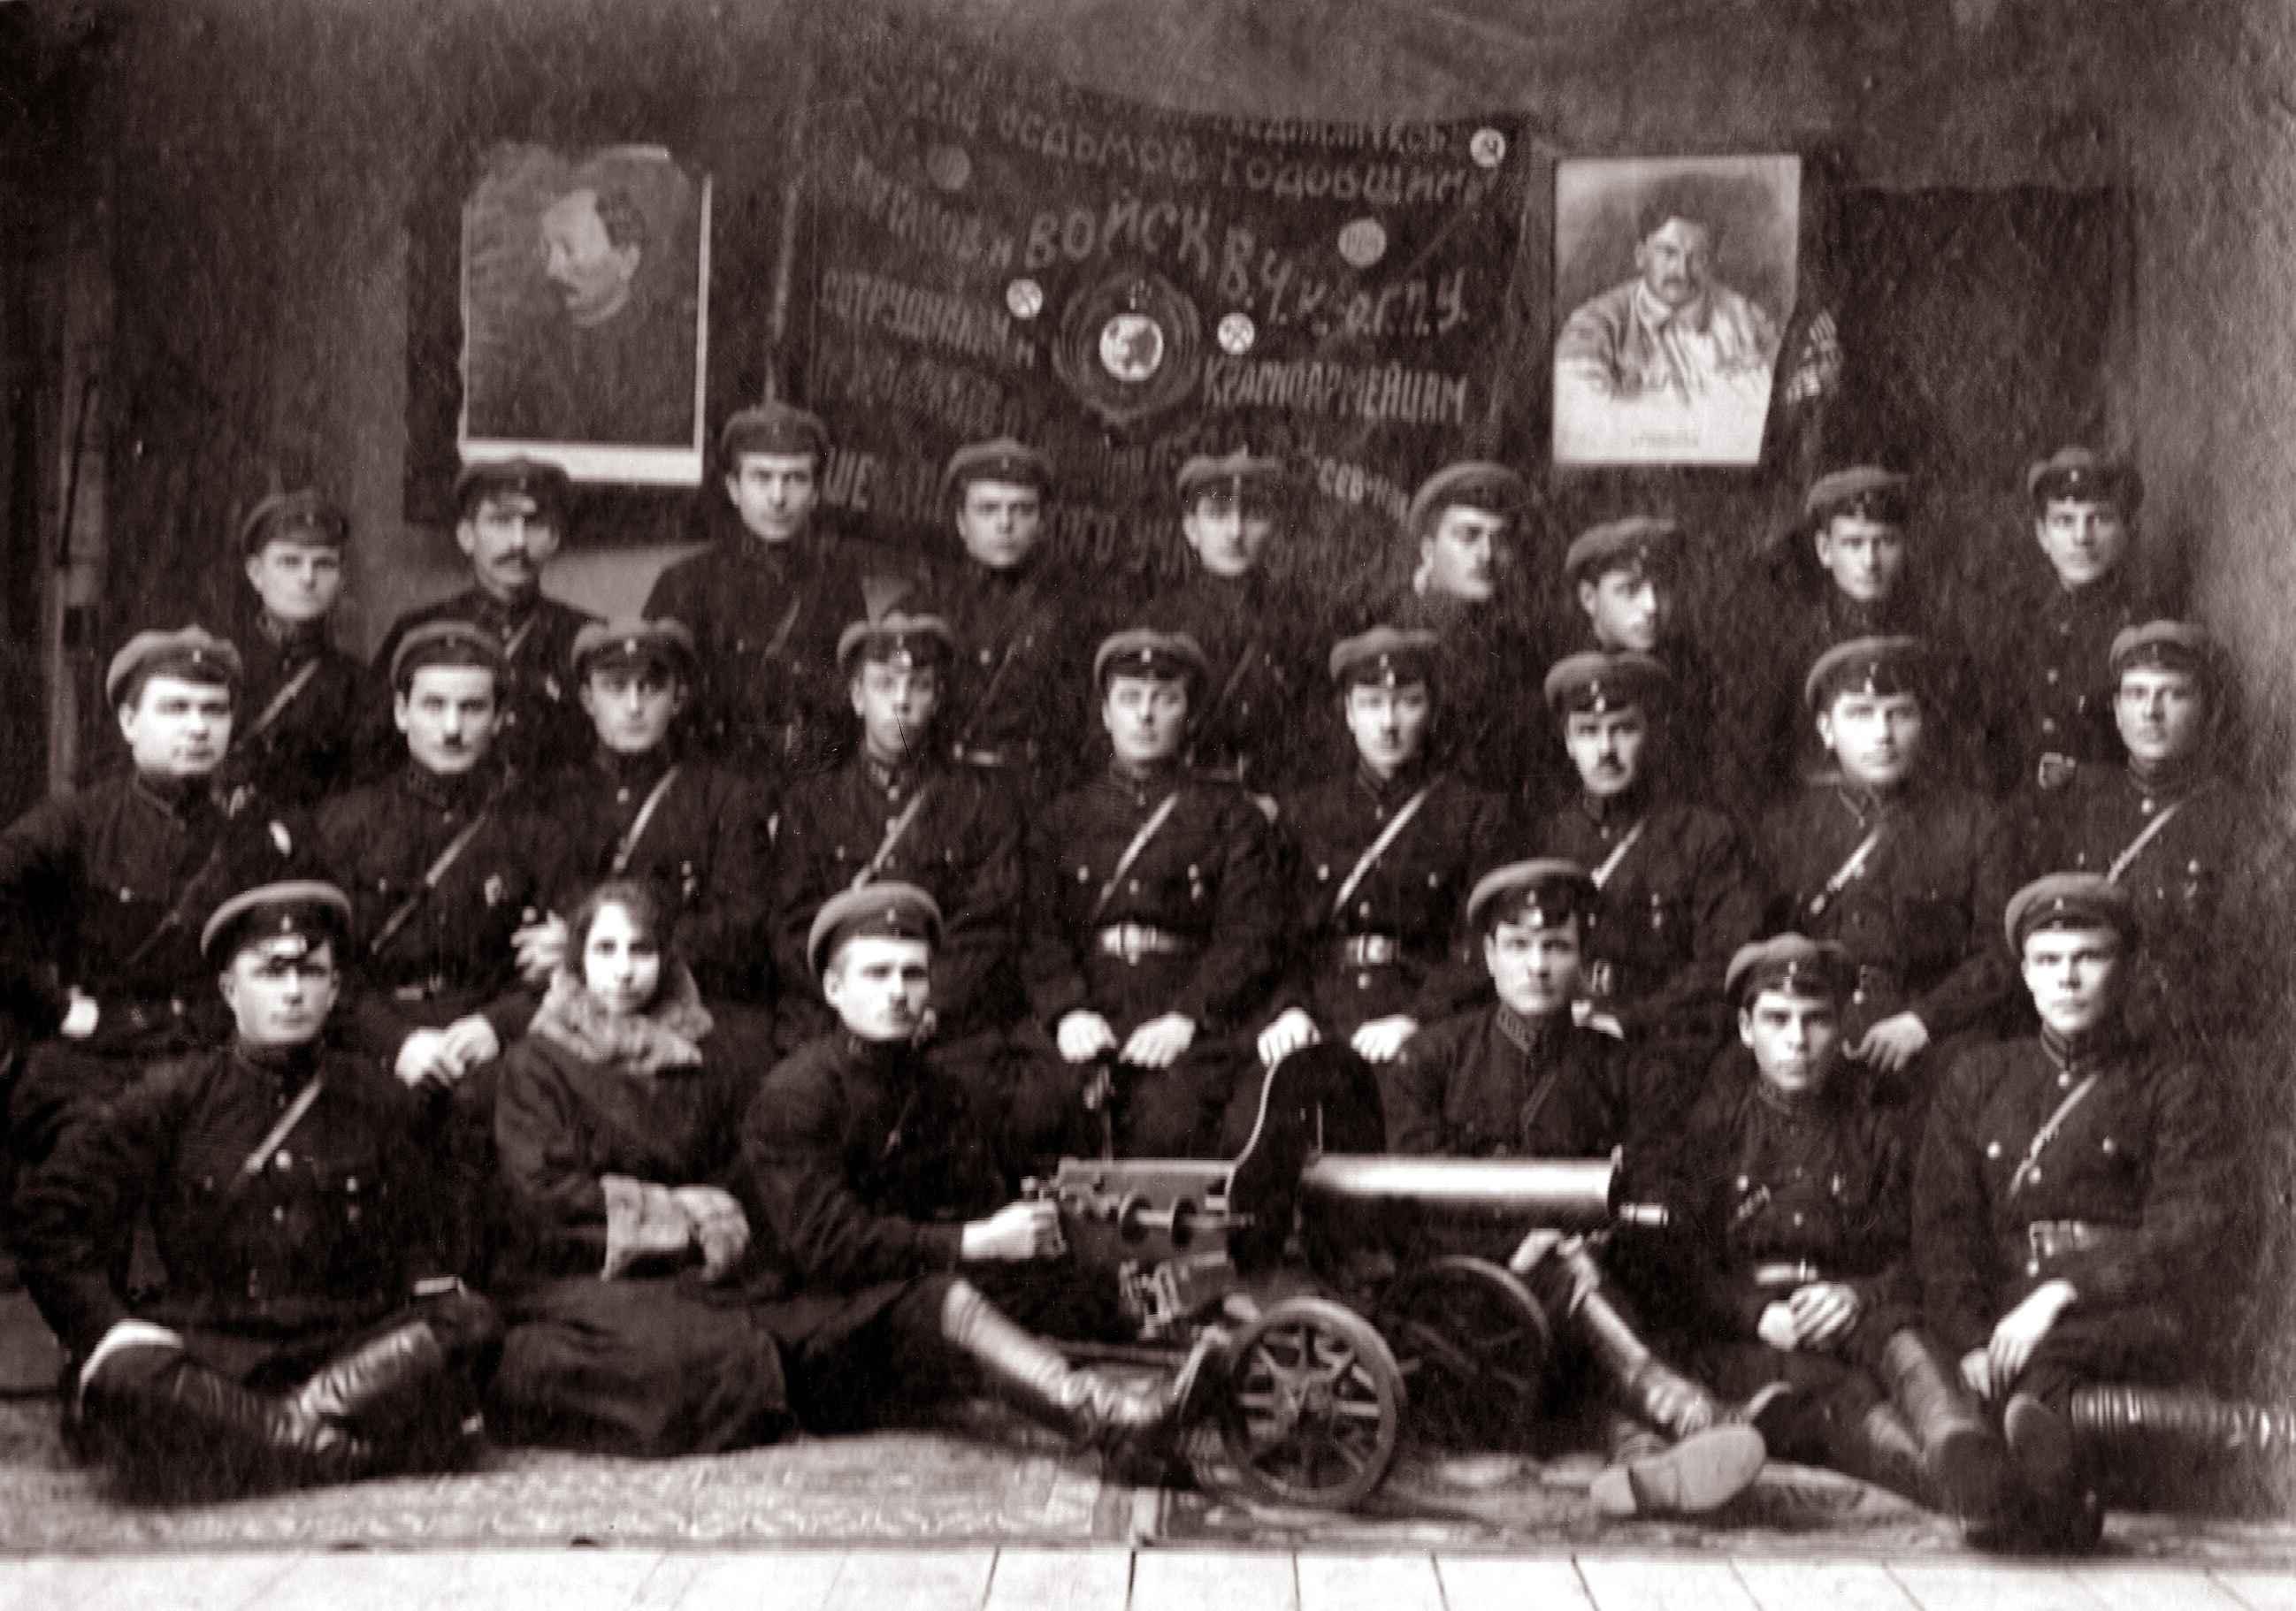 Экспонат #6. Юлий Владиславович Микоша среди бойцов 1-й Конной. 1924-1925 годы